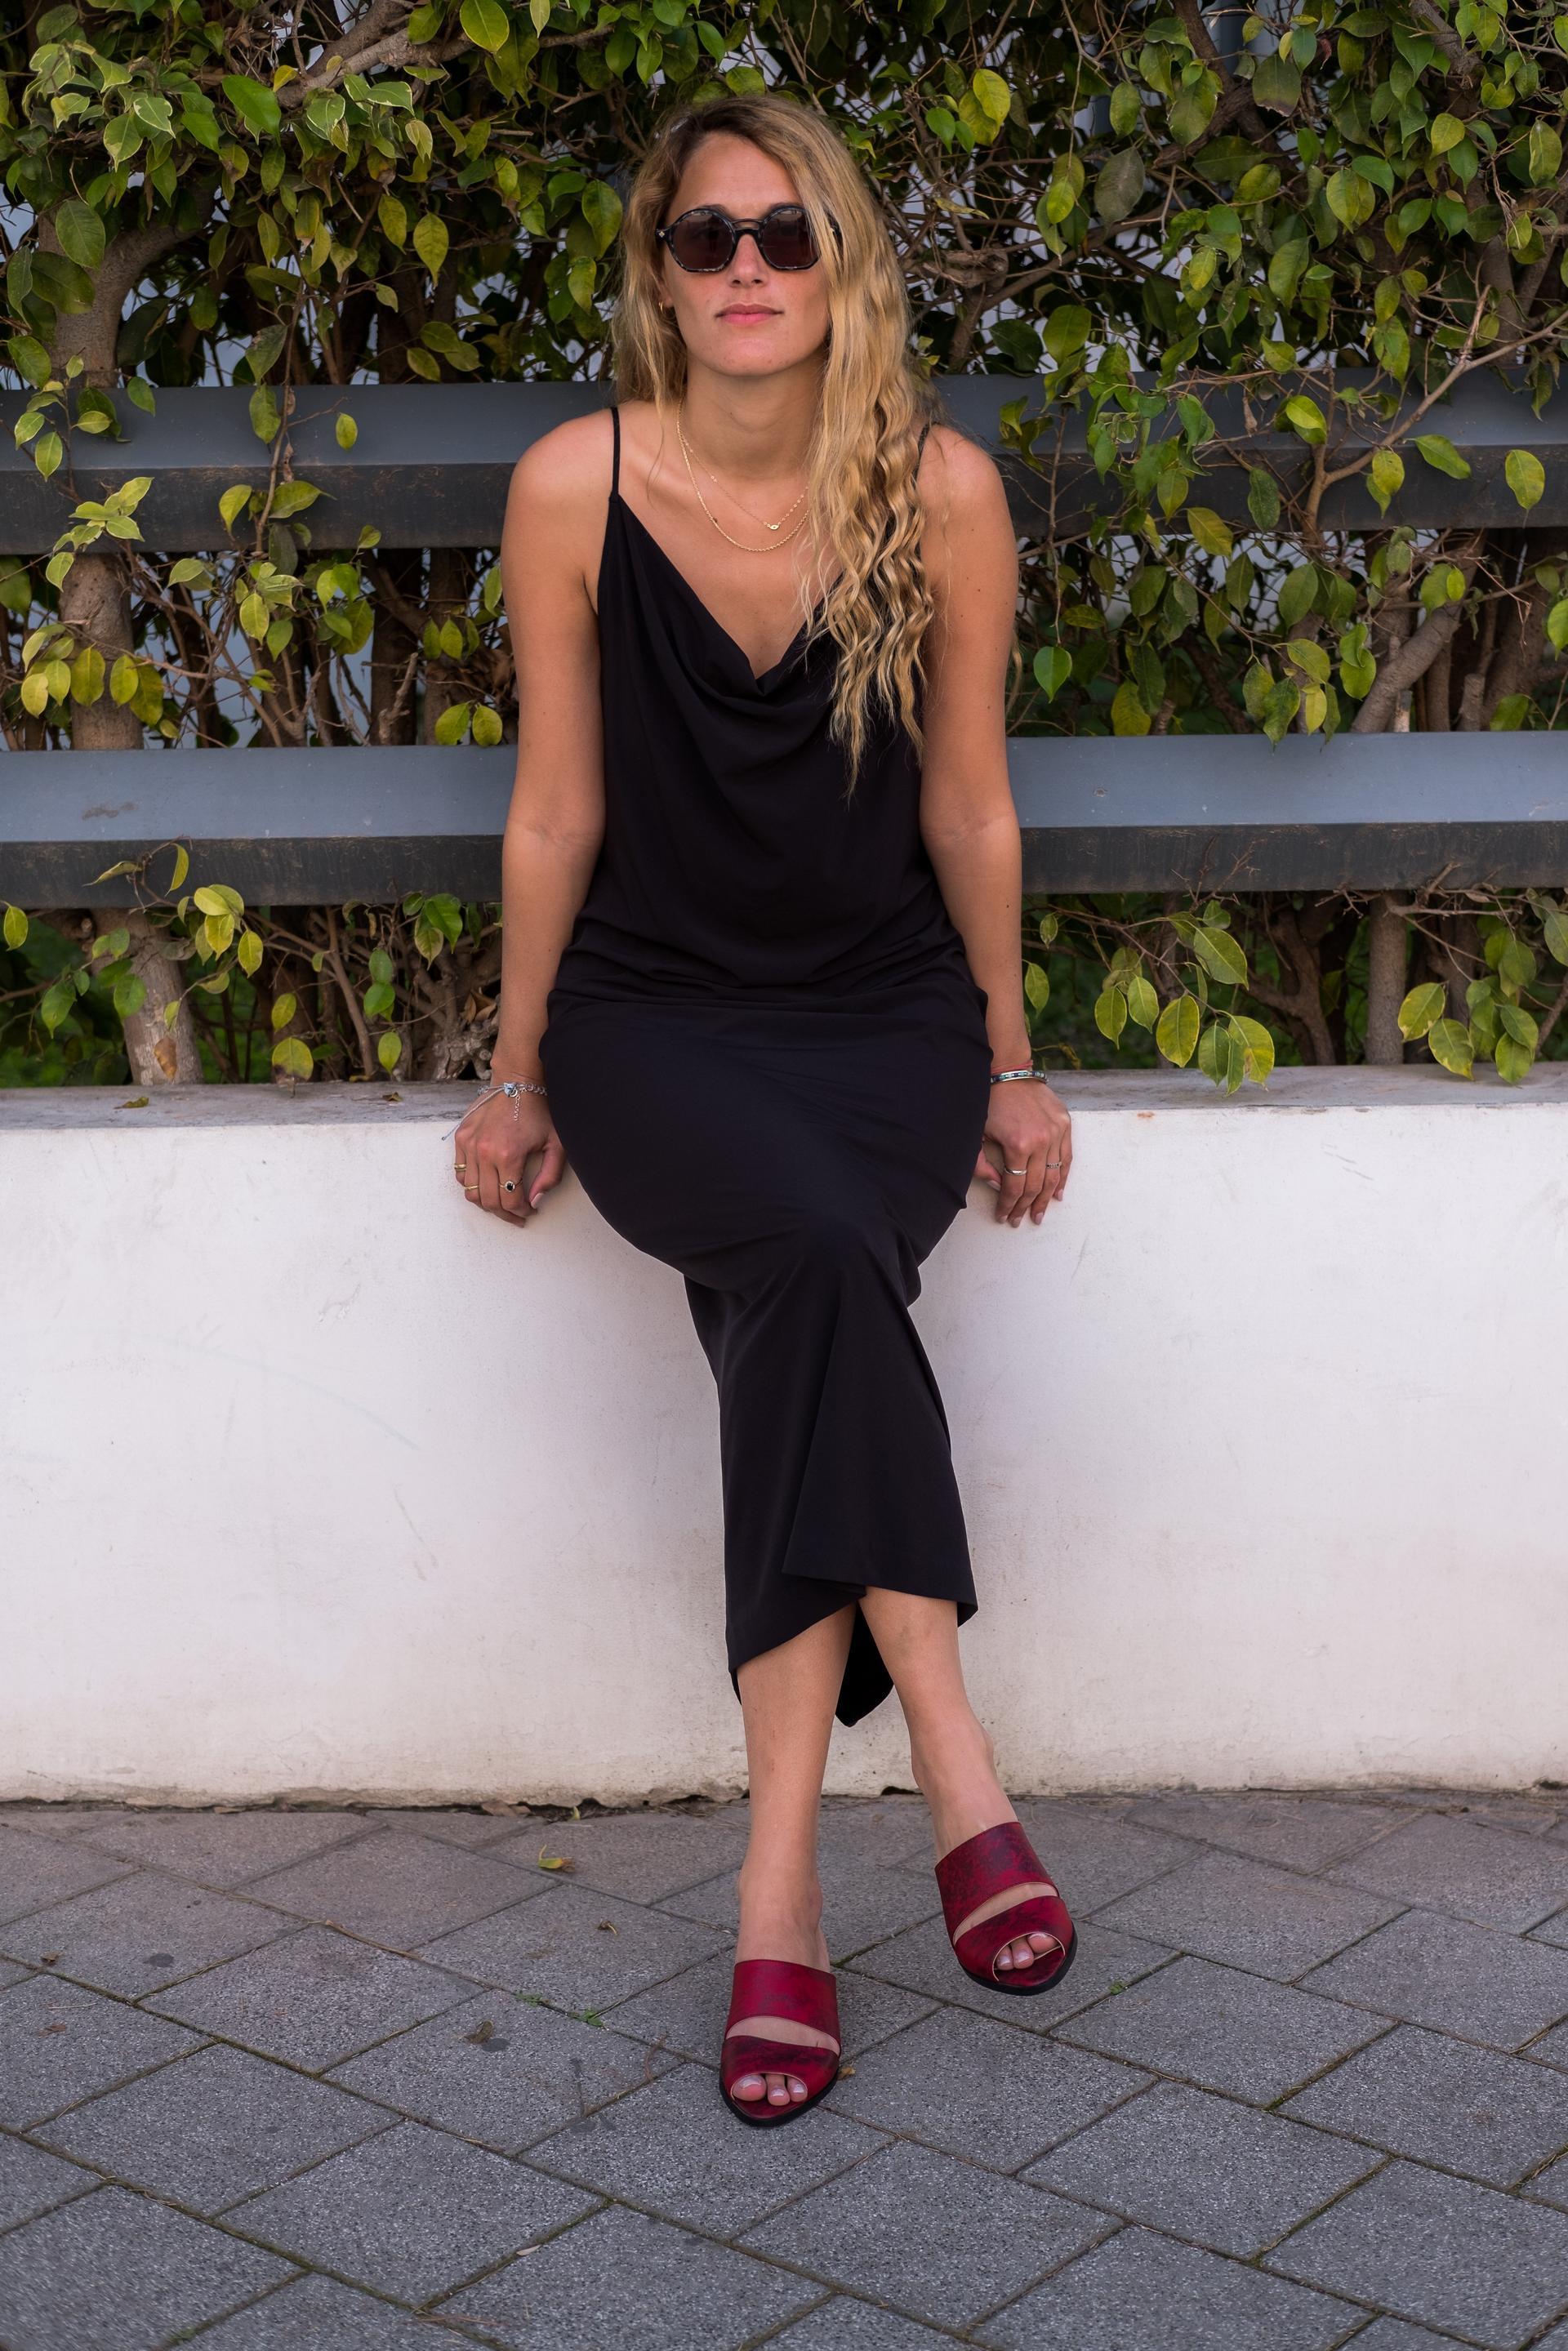 יעל זהבי בנעלי המותג שלה EUNOIA. צילום: דינה איינשטיין